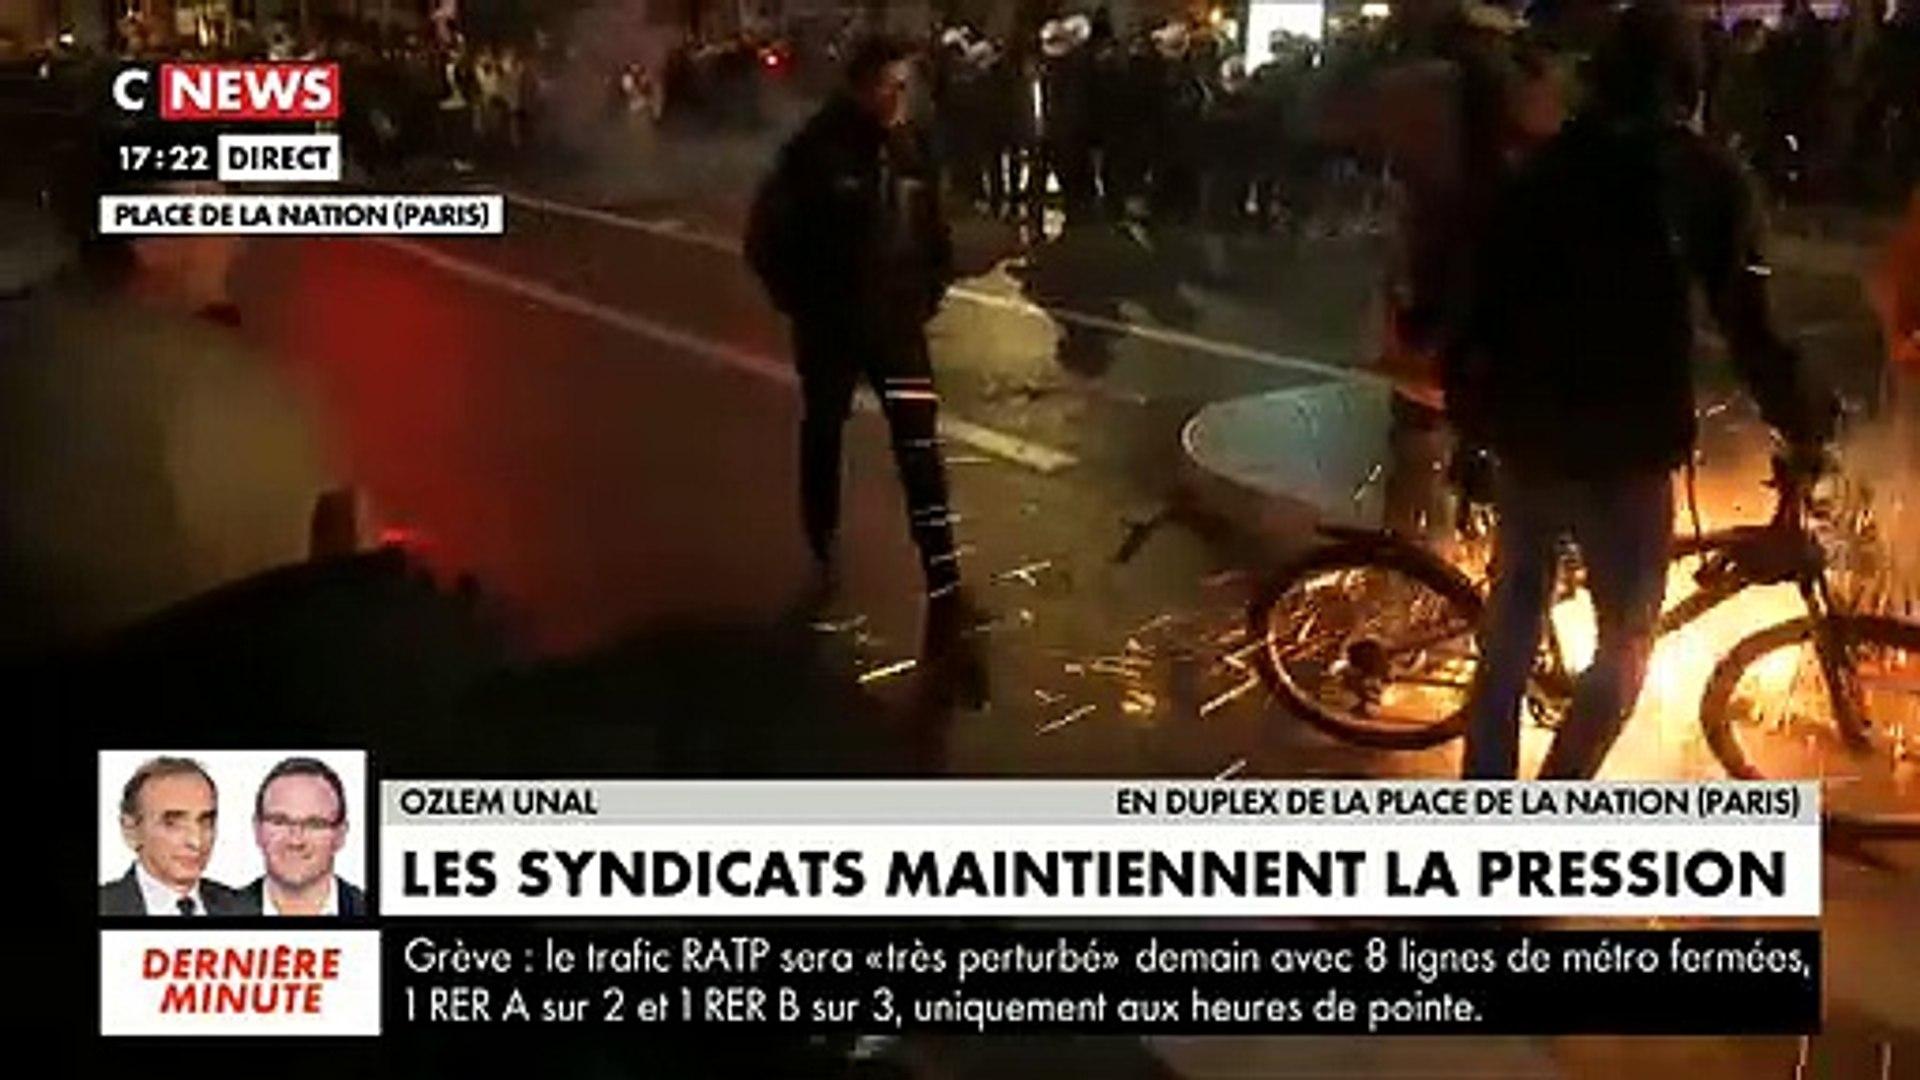 Manifestation à Paris - Une équipe de journaliste de Cnews touchée en plein direct vers 17h30 par de